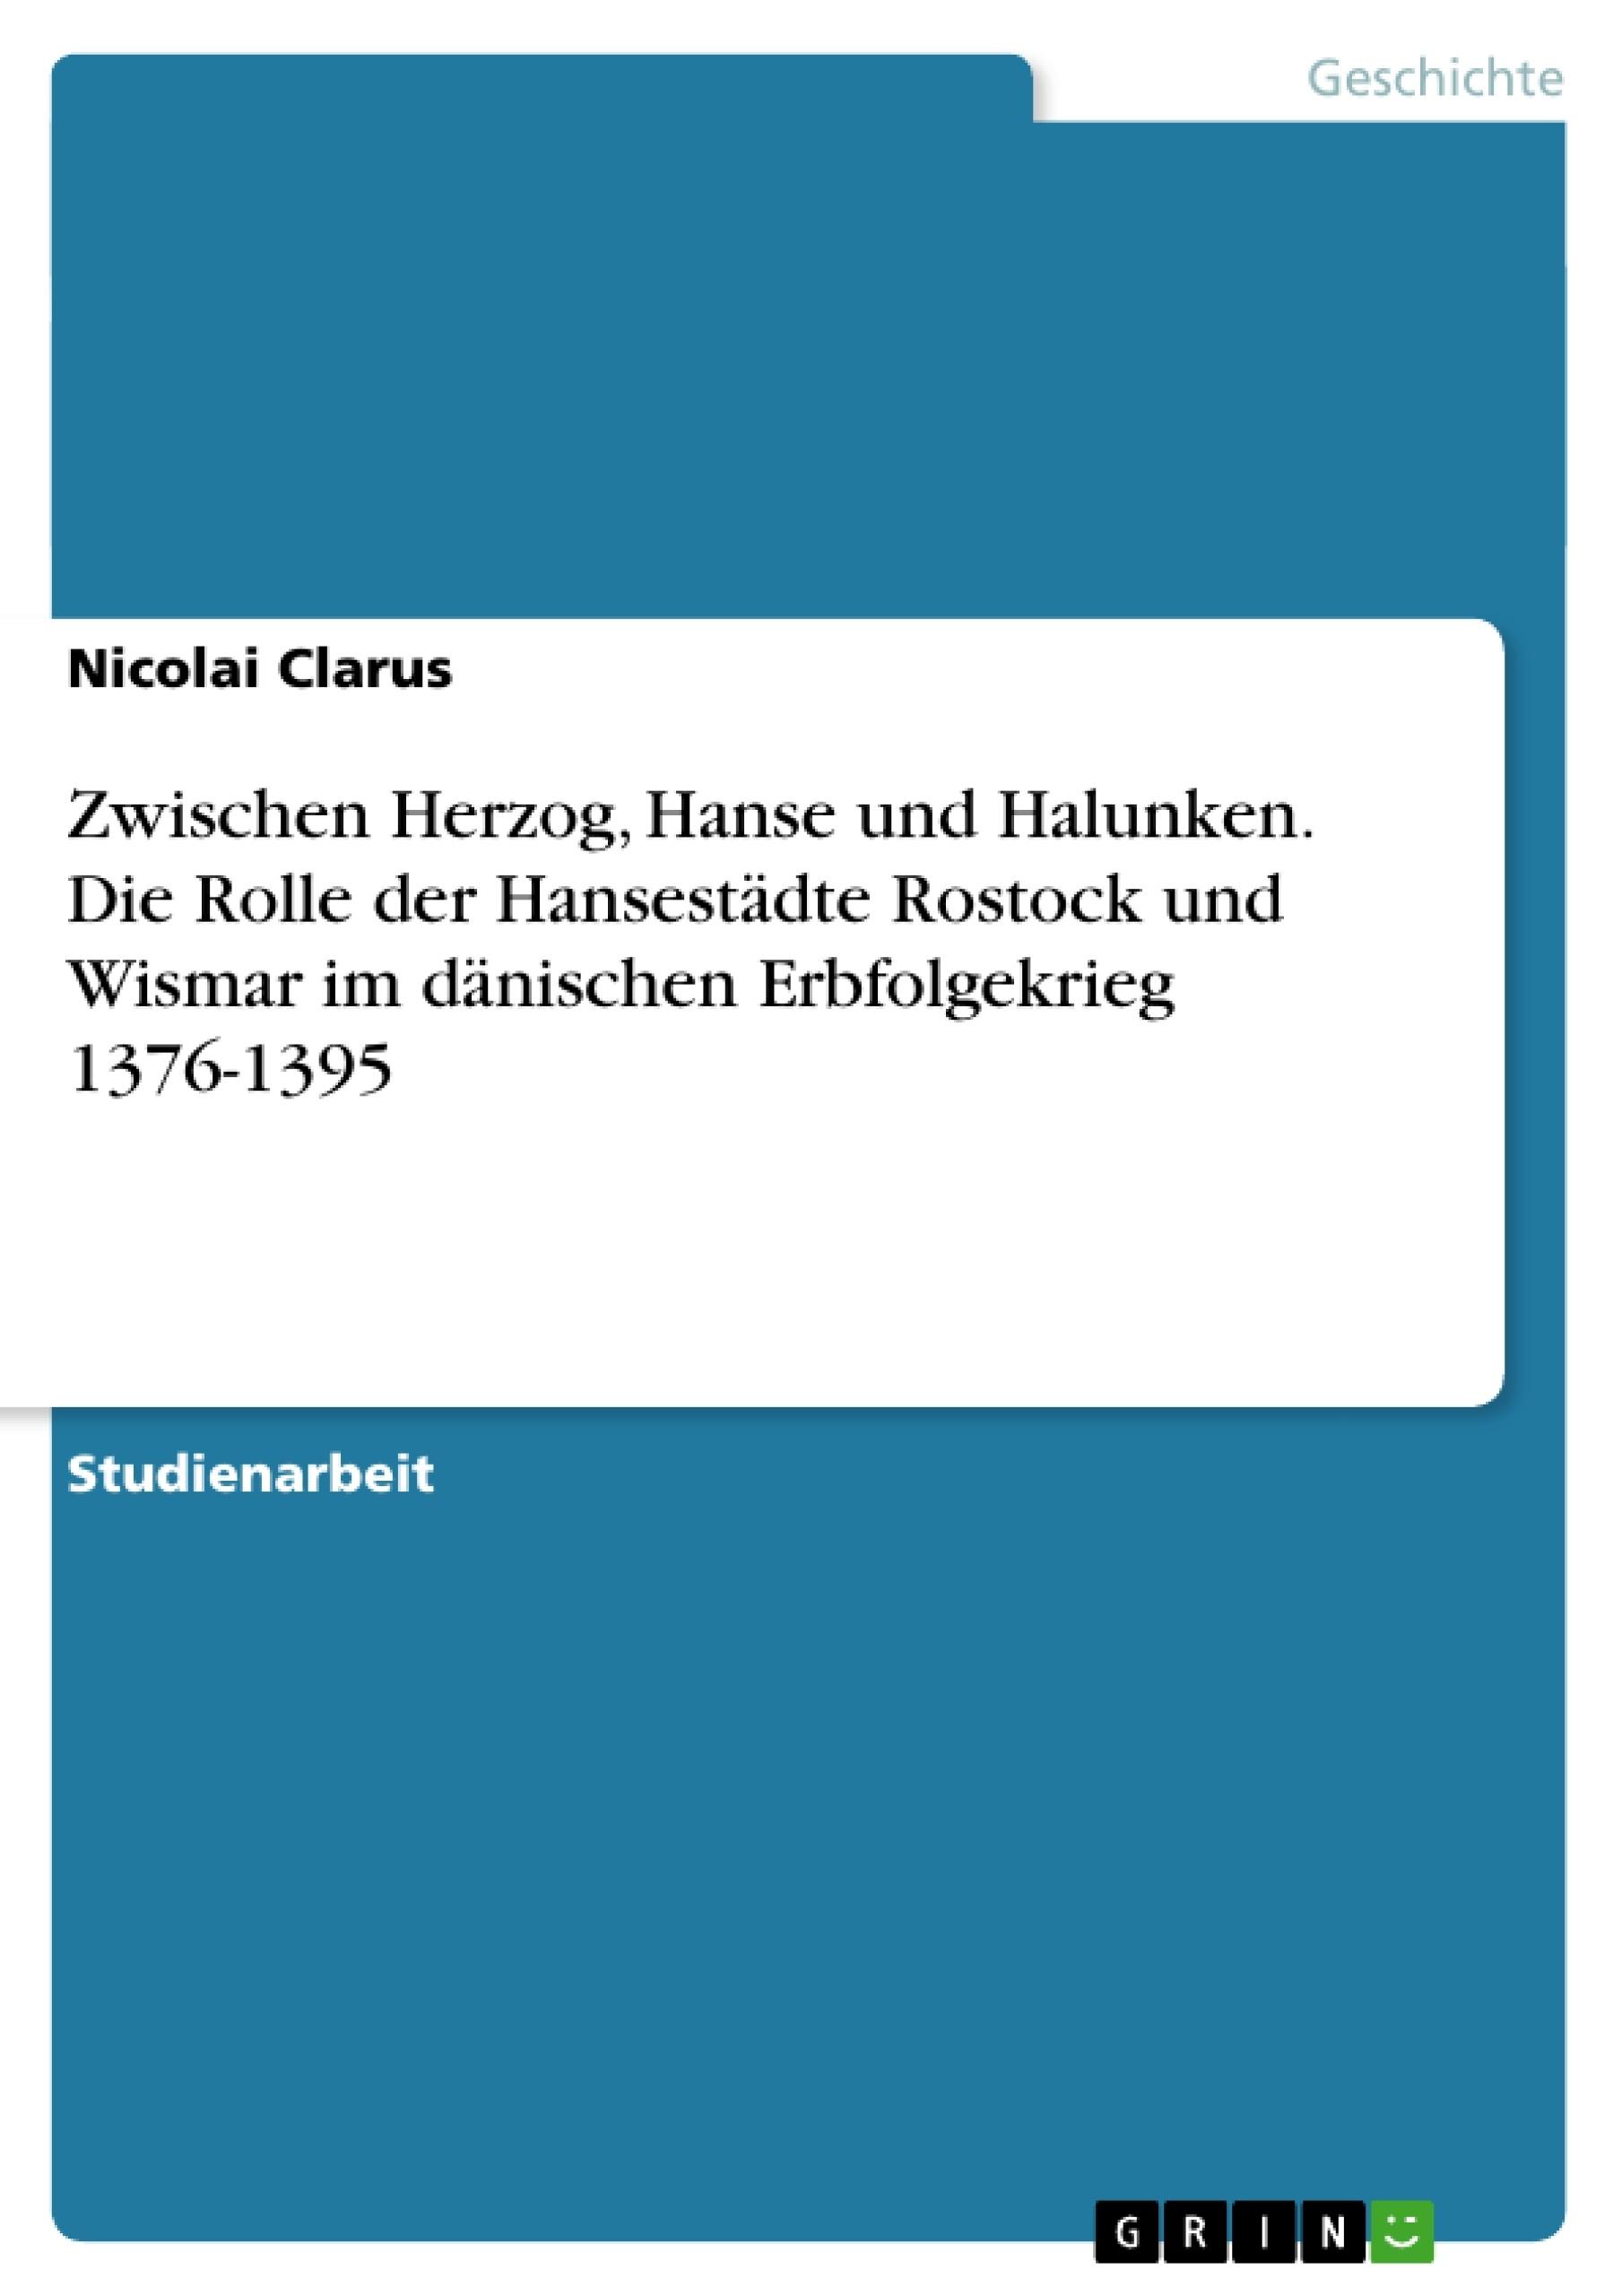 Titel: Zwischen Herzog, Hanse und Halunken. Die Rolle der Hansestädte Rostock und Wismar im dänischen Erbfolgekrieg 1376-1395